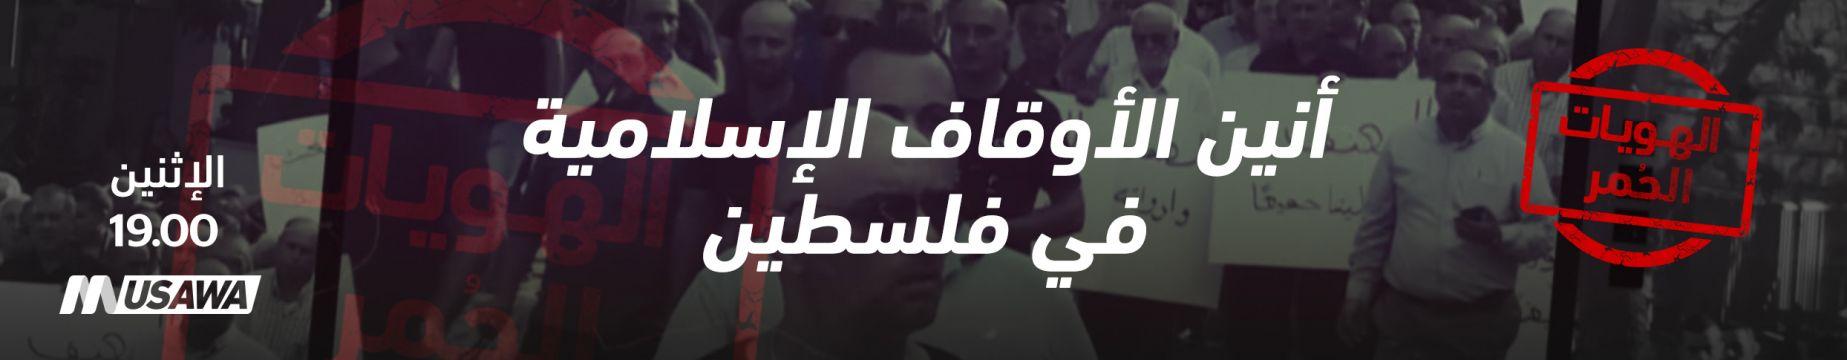 انين الأوقاف الاسلامية